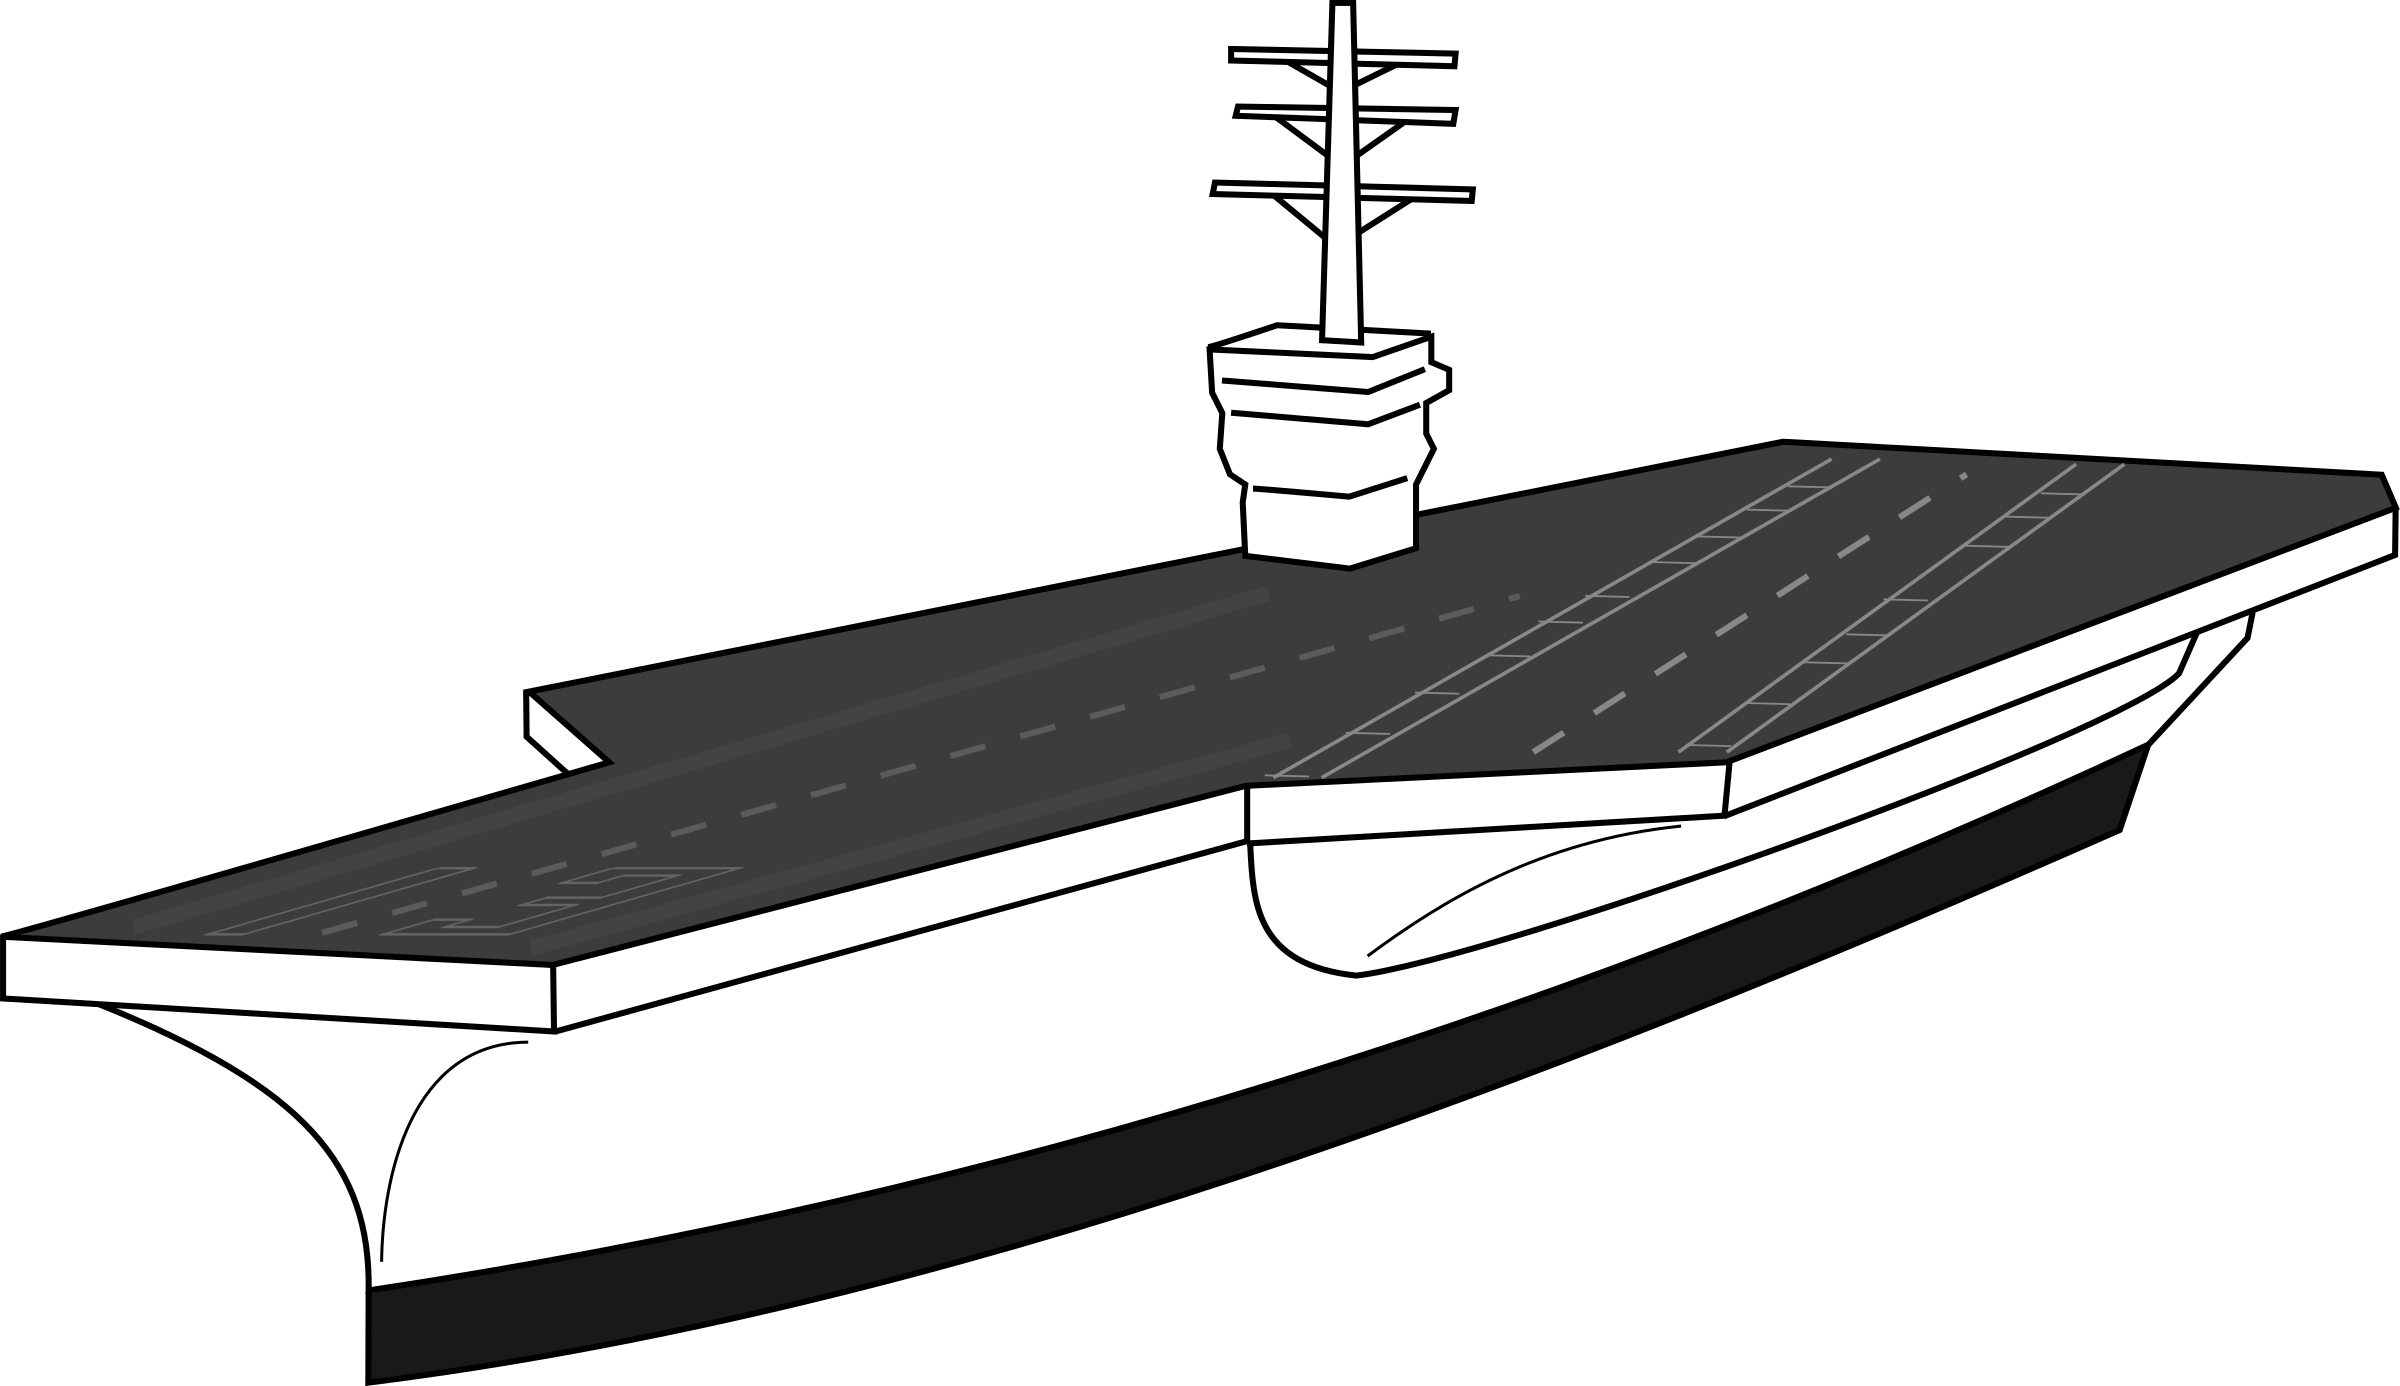 Drawn ship Aircraft Clipart carrier Aircraft carrier